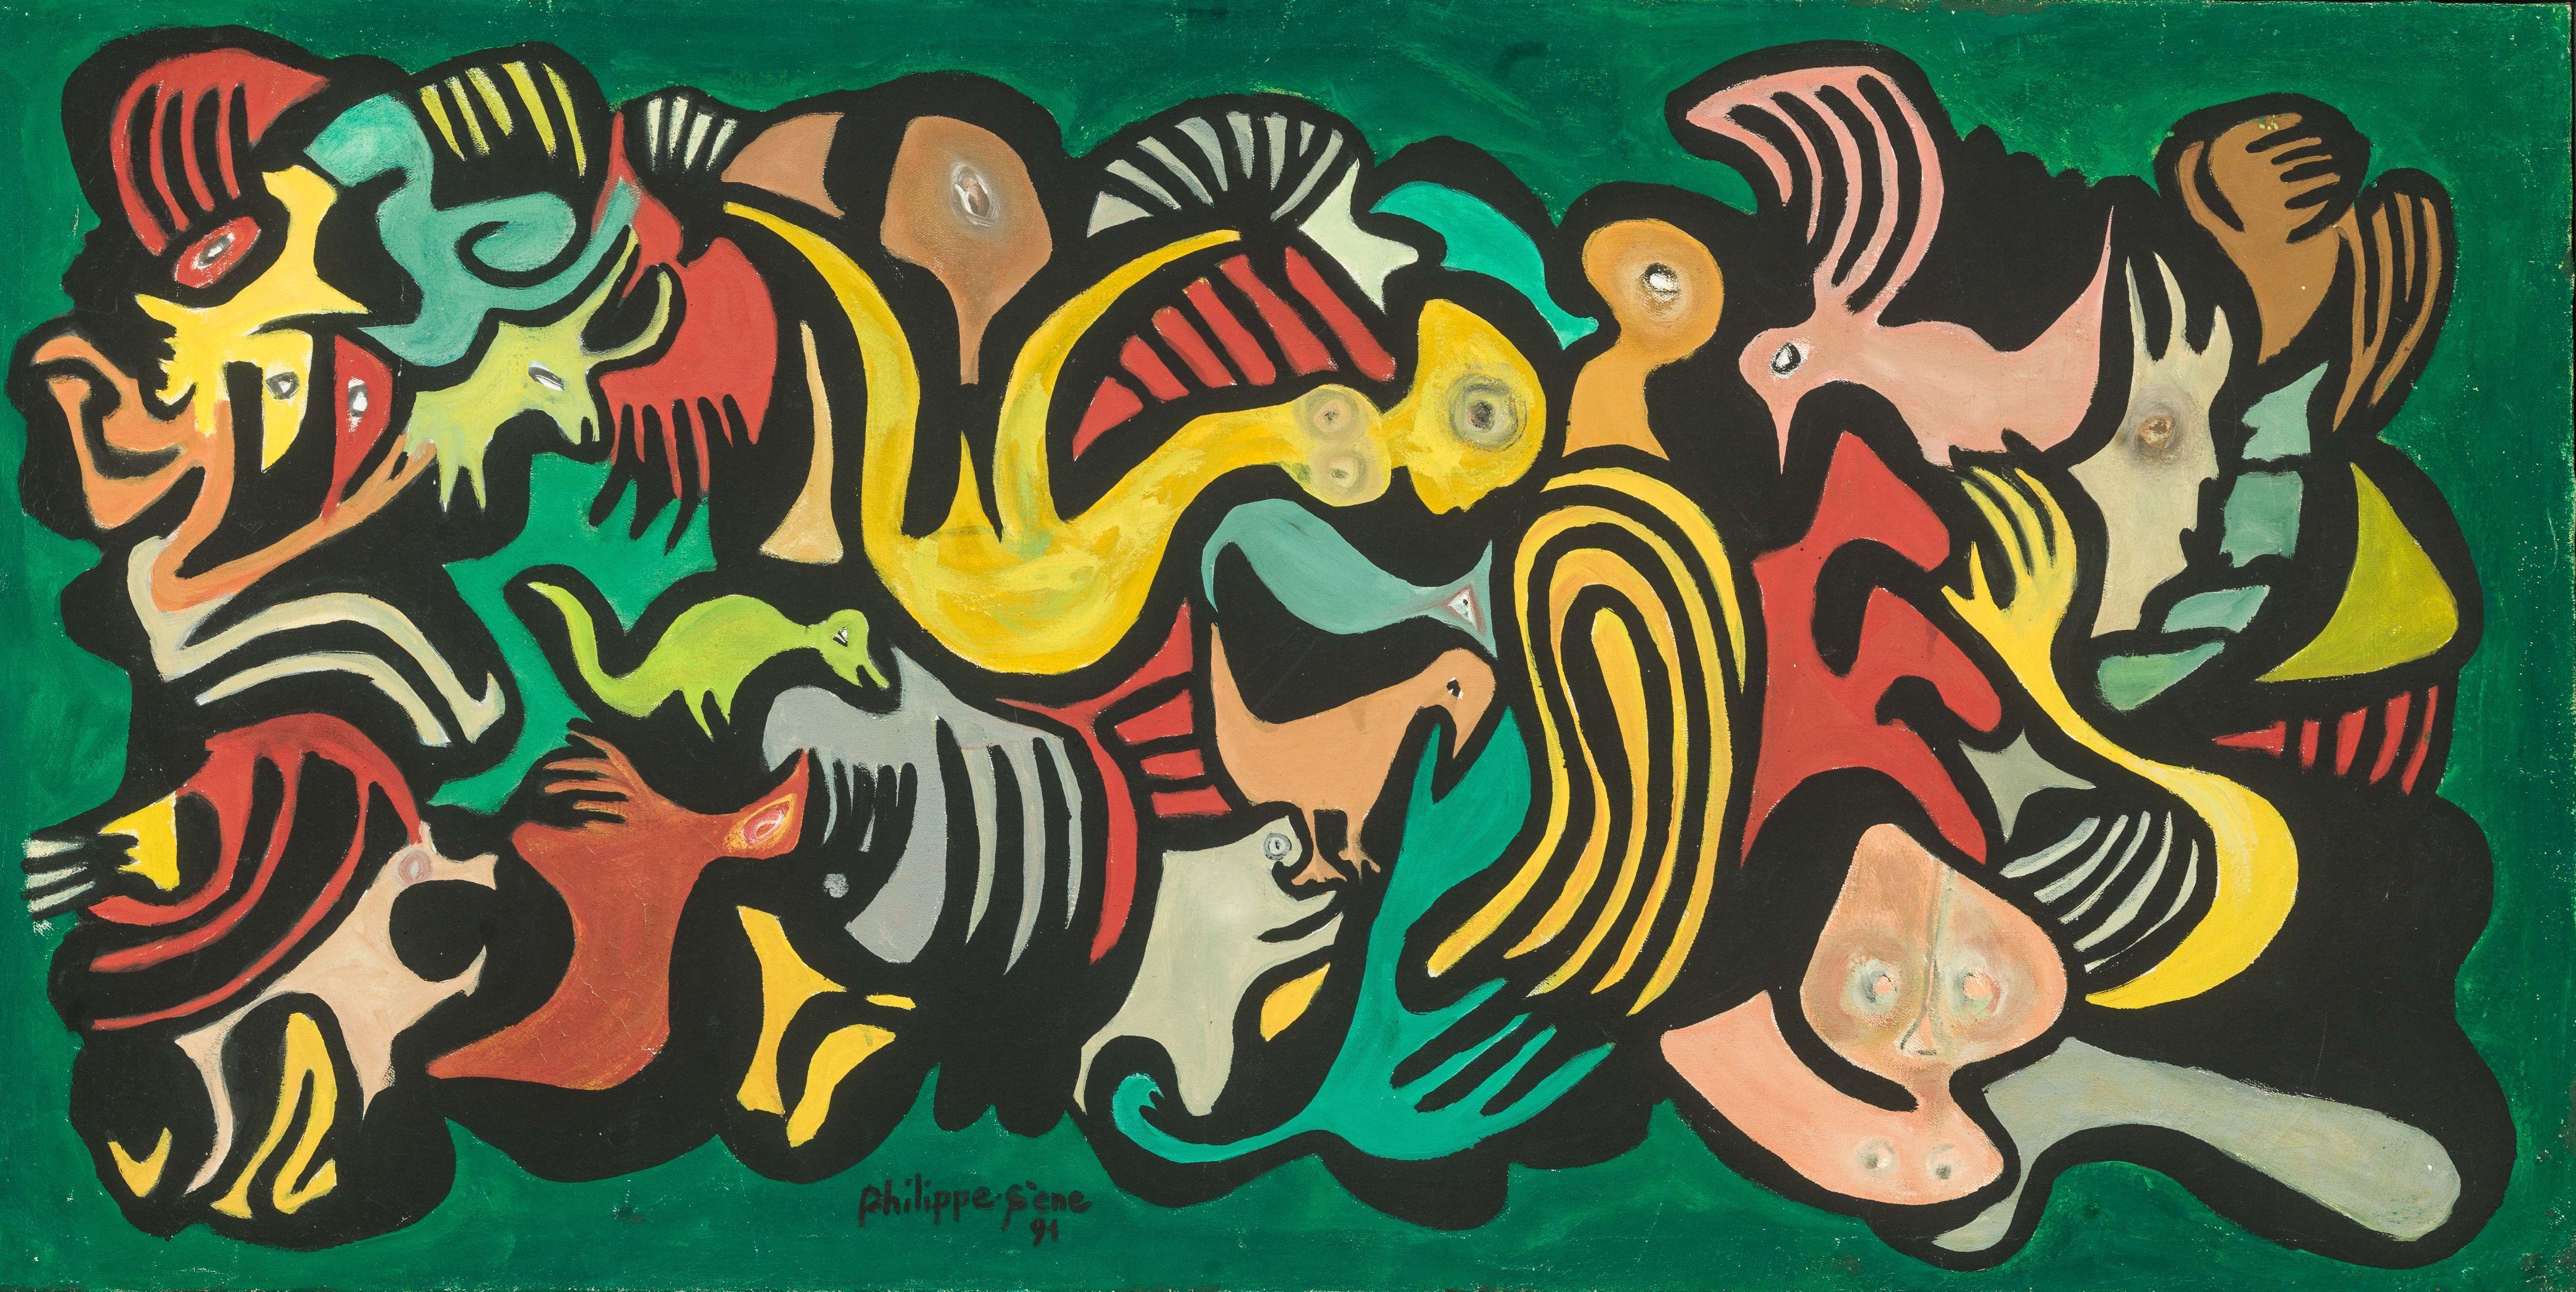 Philippe SÈNE né en 1945 - Sénégal Sangomar vert, 1991 Huile sur toile